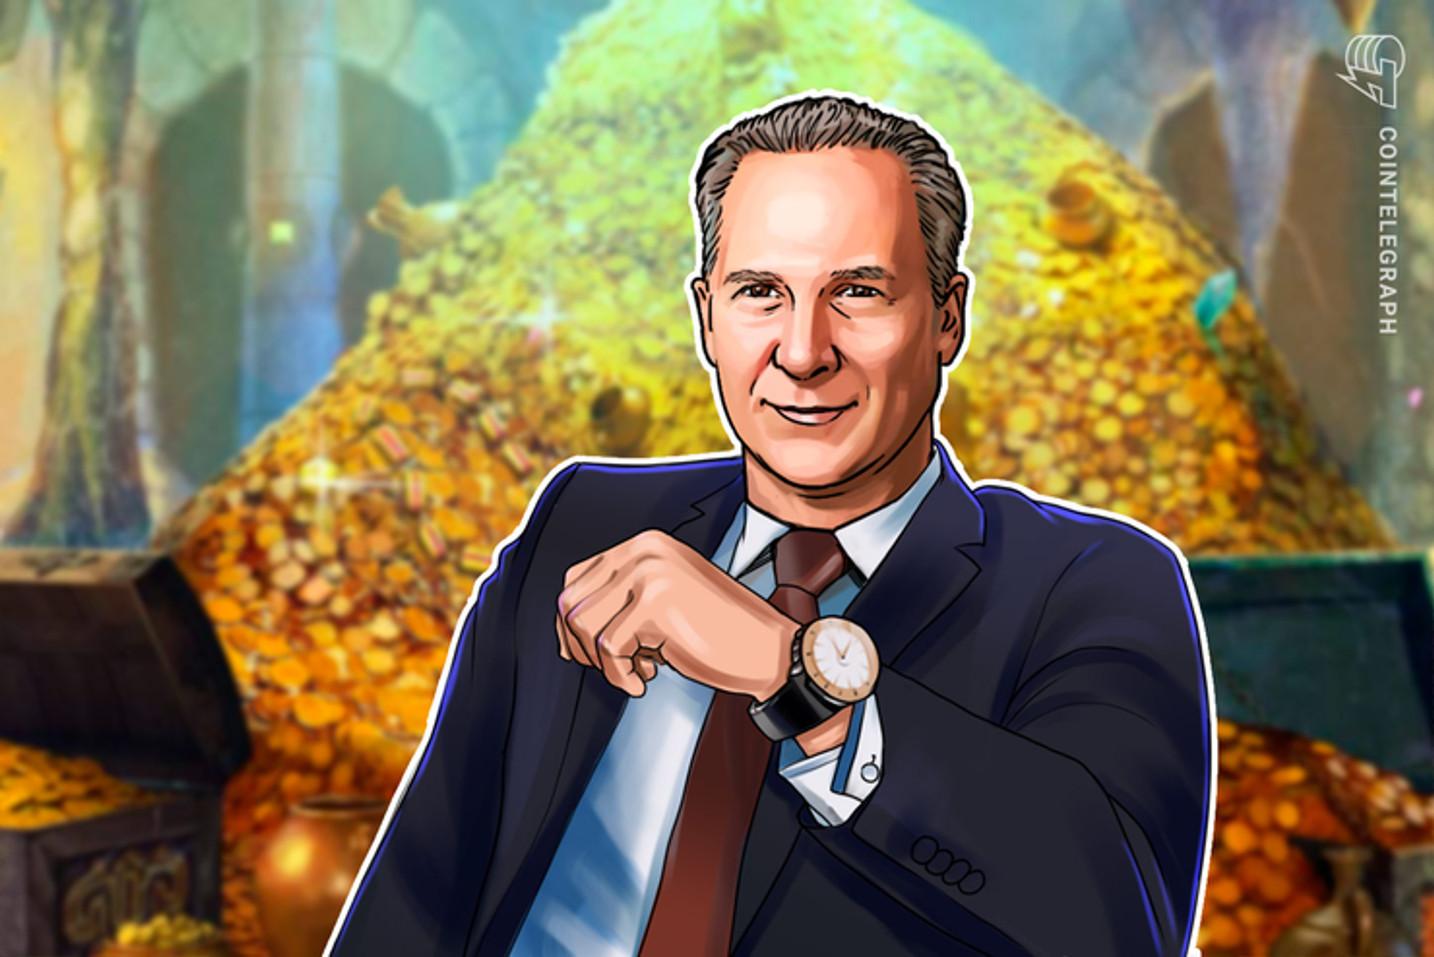 仮想通貨批判派ピーター・シフ氏、機関投資家参入は「あり得ない」 | 「ビットコインは下落相場」とも【ニュース】